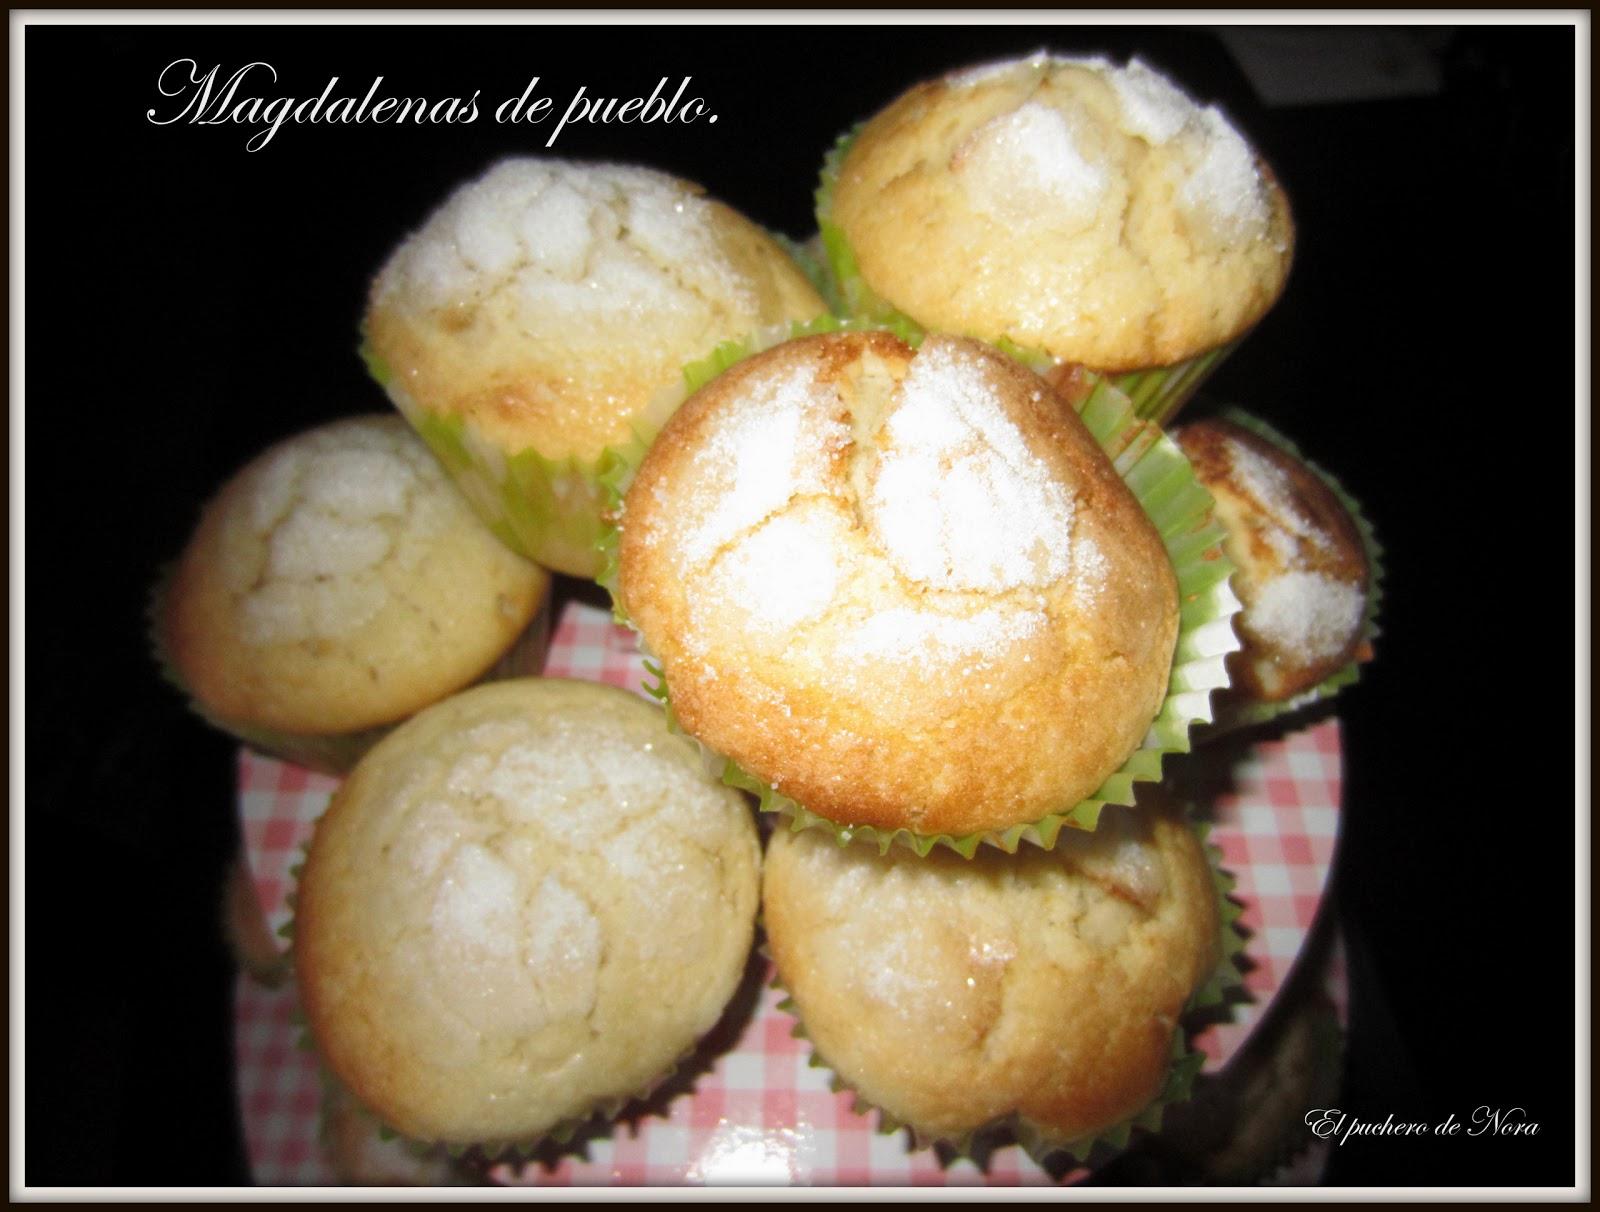 El puchero de nora magdalenas de pueblo - Pequerecetas magdalenas ...